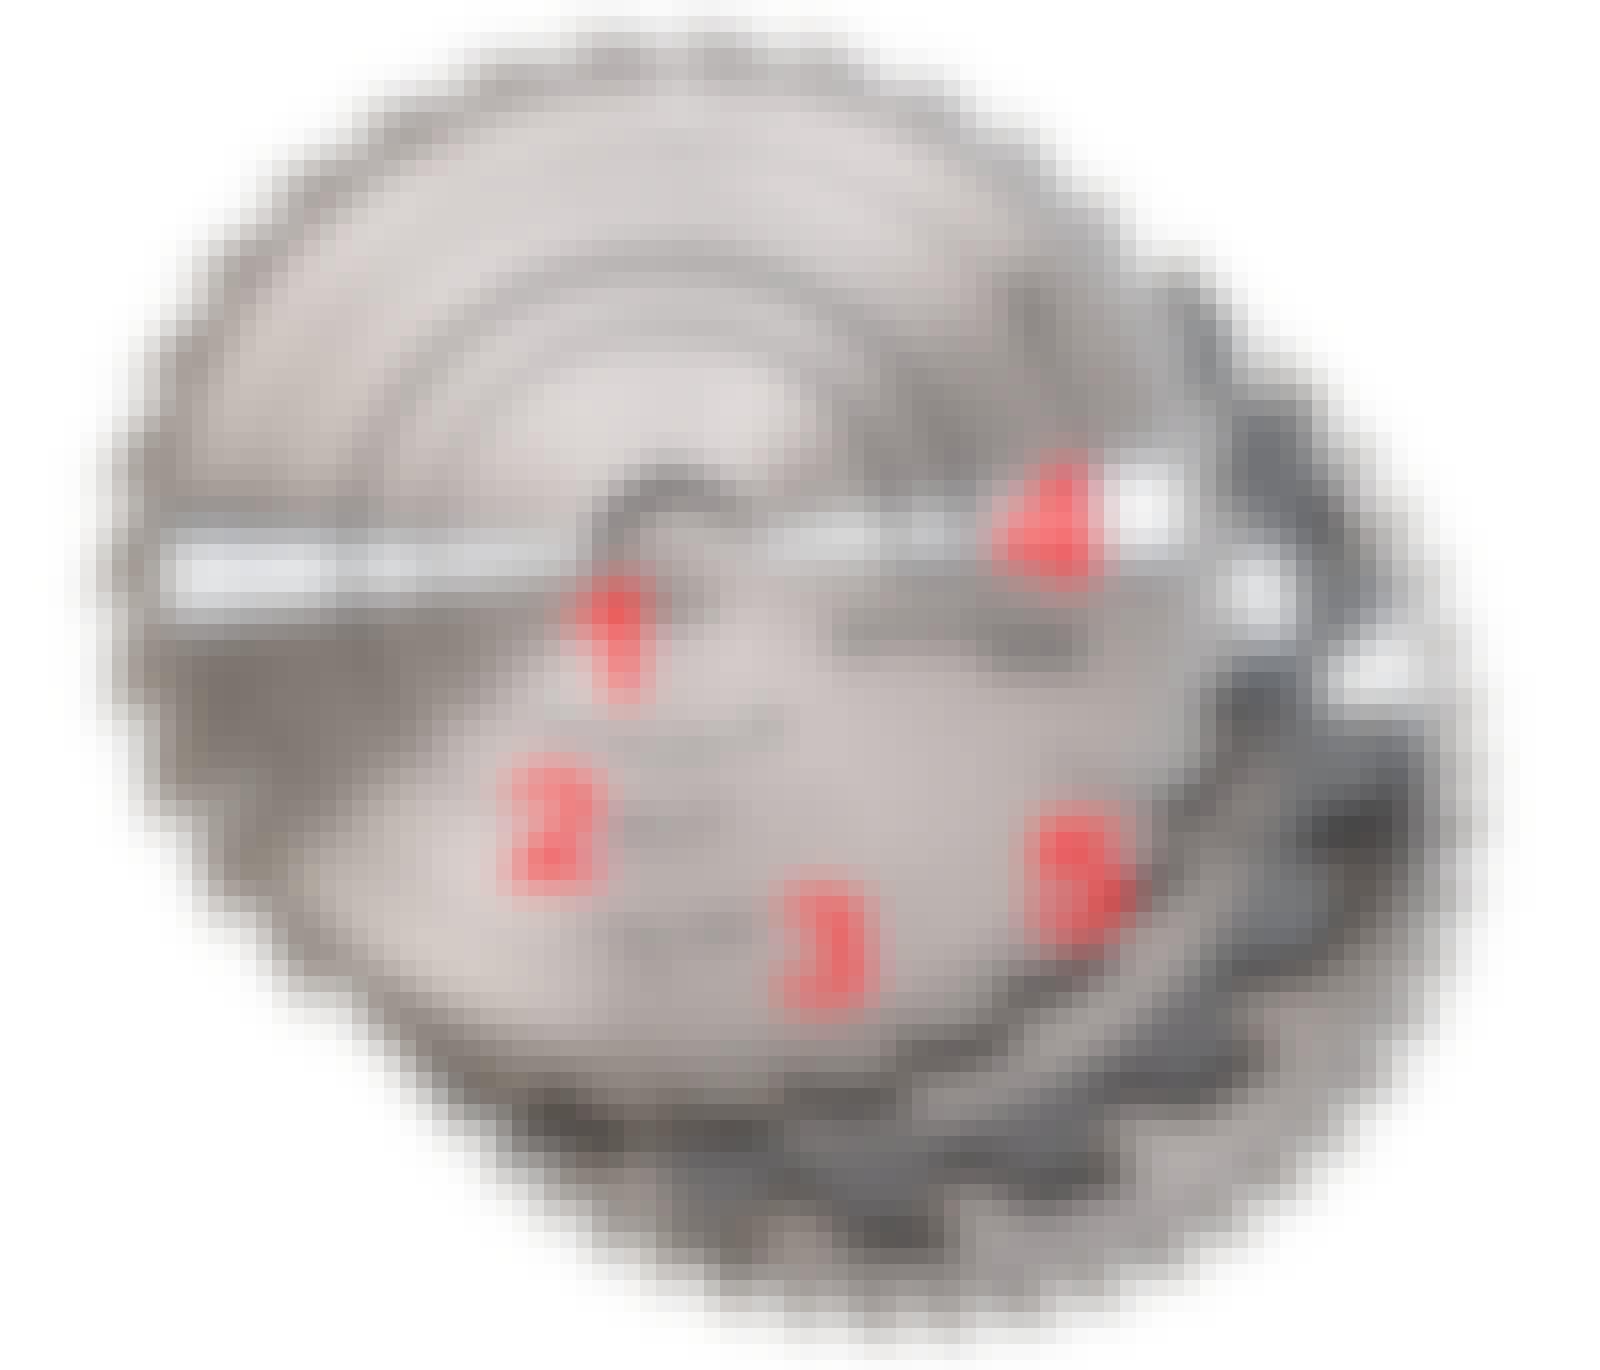 Kapp og gjærsag: Blad til kapp og gjærsagen